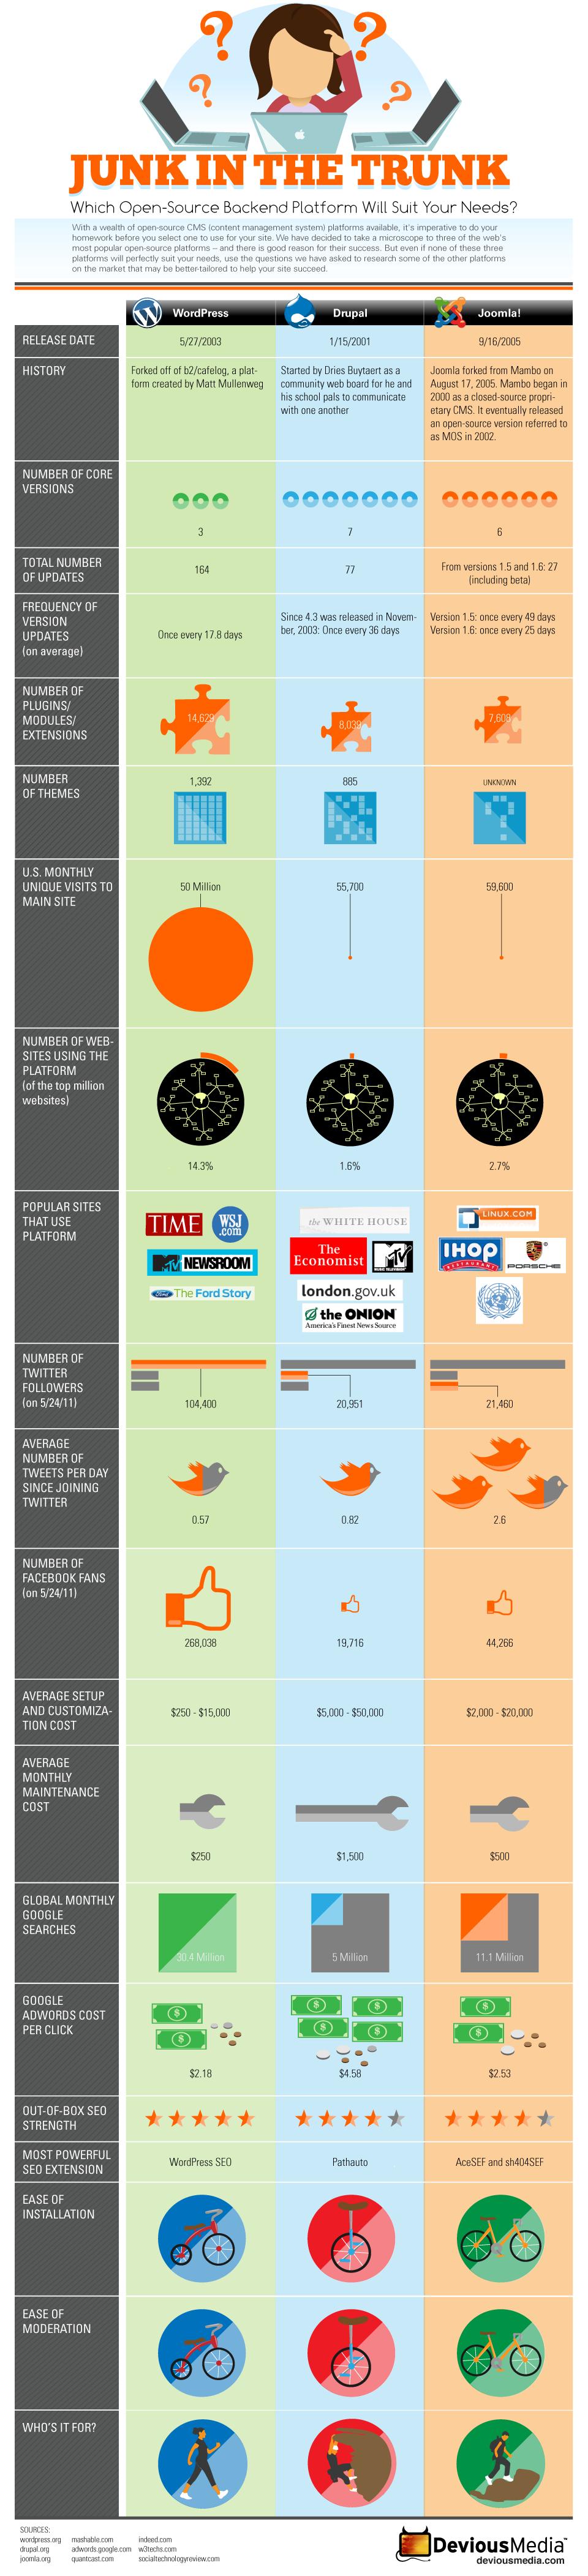 Сравнение Drupal vs Wordpress vs Joomla